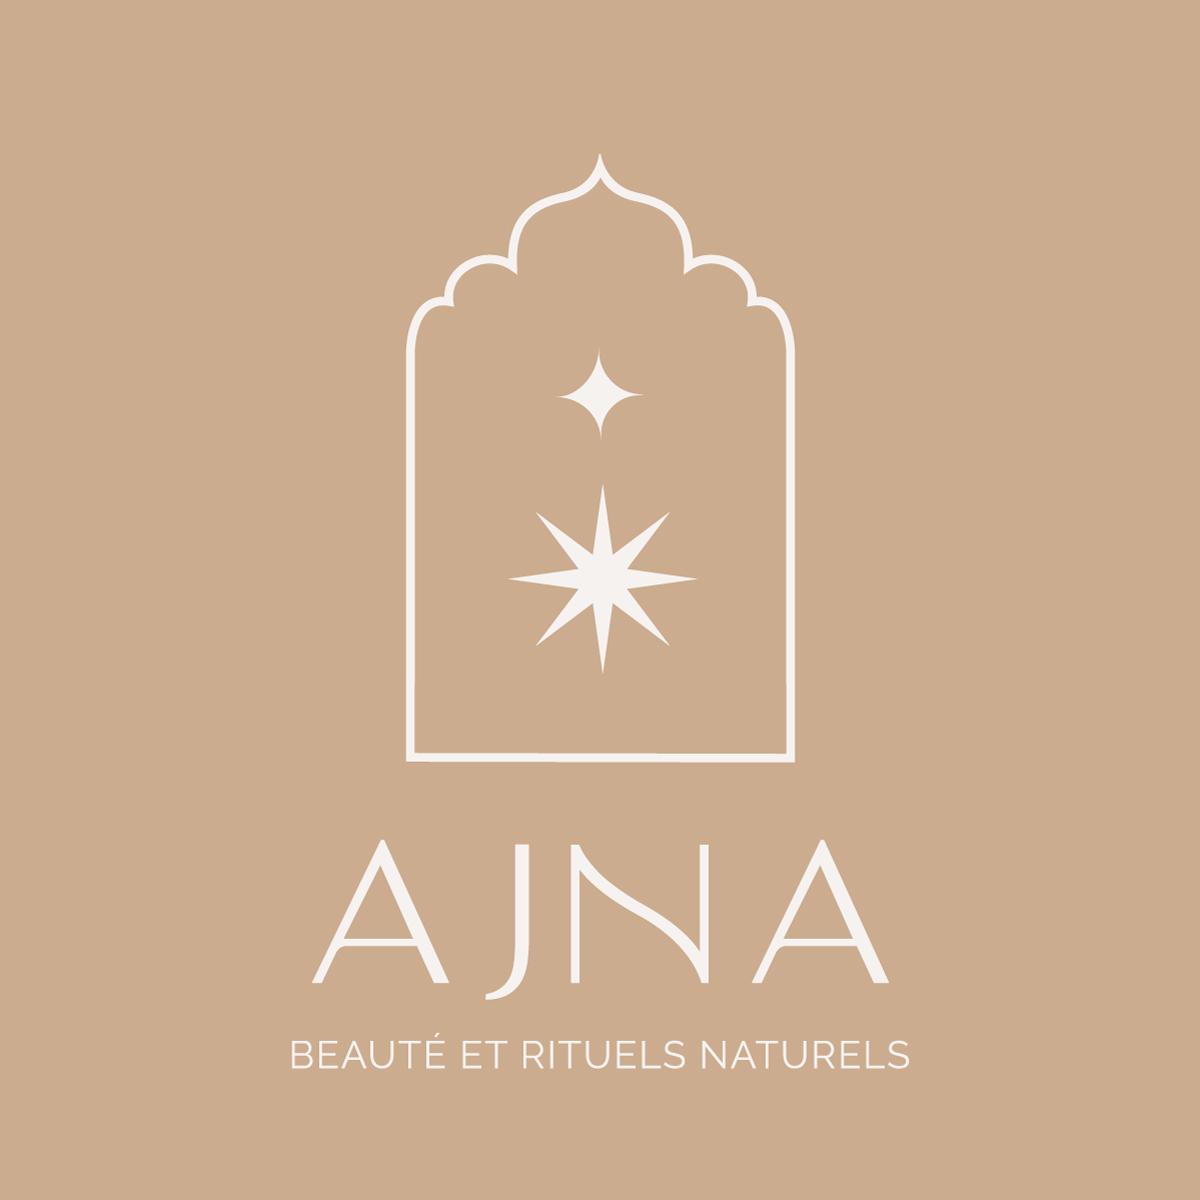 Ajna beauté & rituels naturels